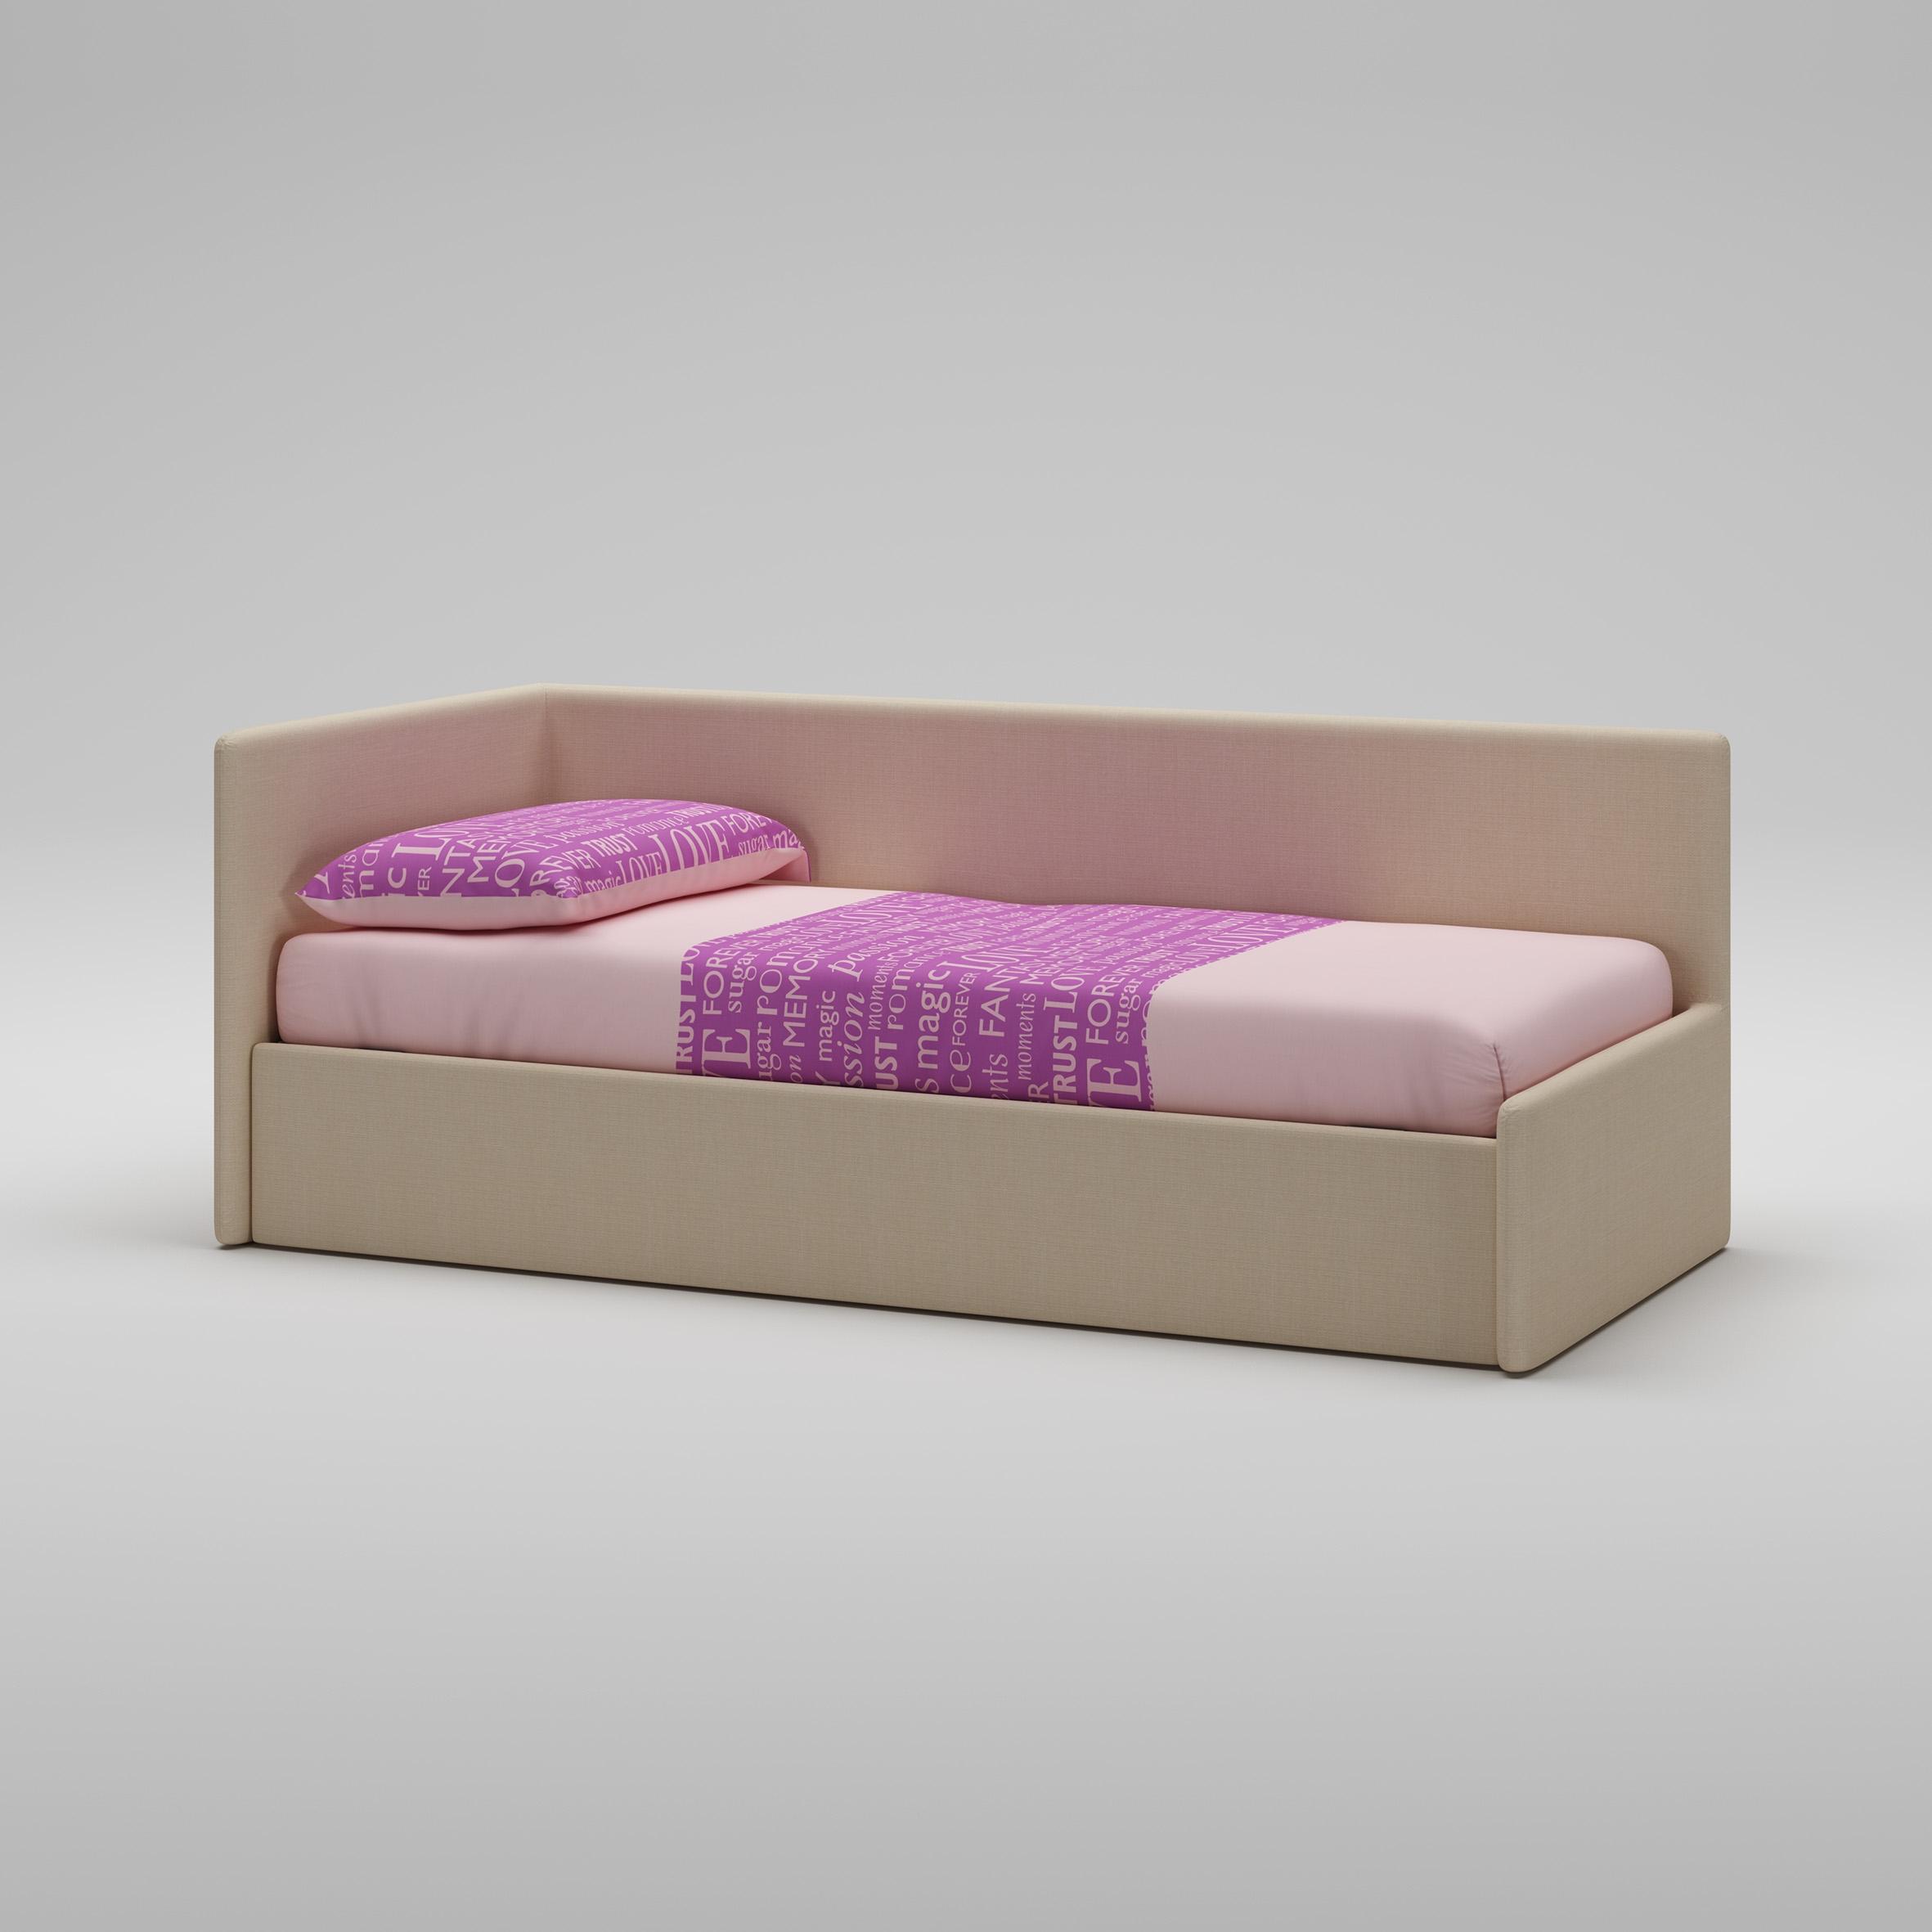 Lit Canapé PERSONNALISABLE WL071 en tissu couleur corde avec couchage de 90 x 200 - MORETTI COMPACT